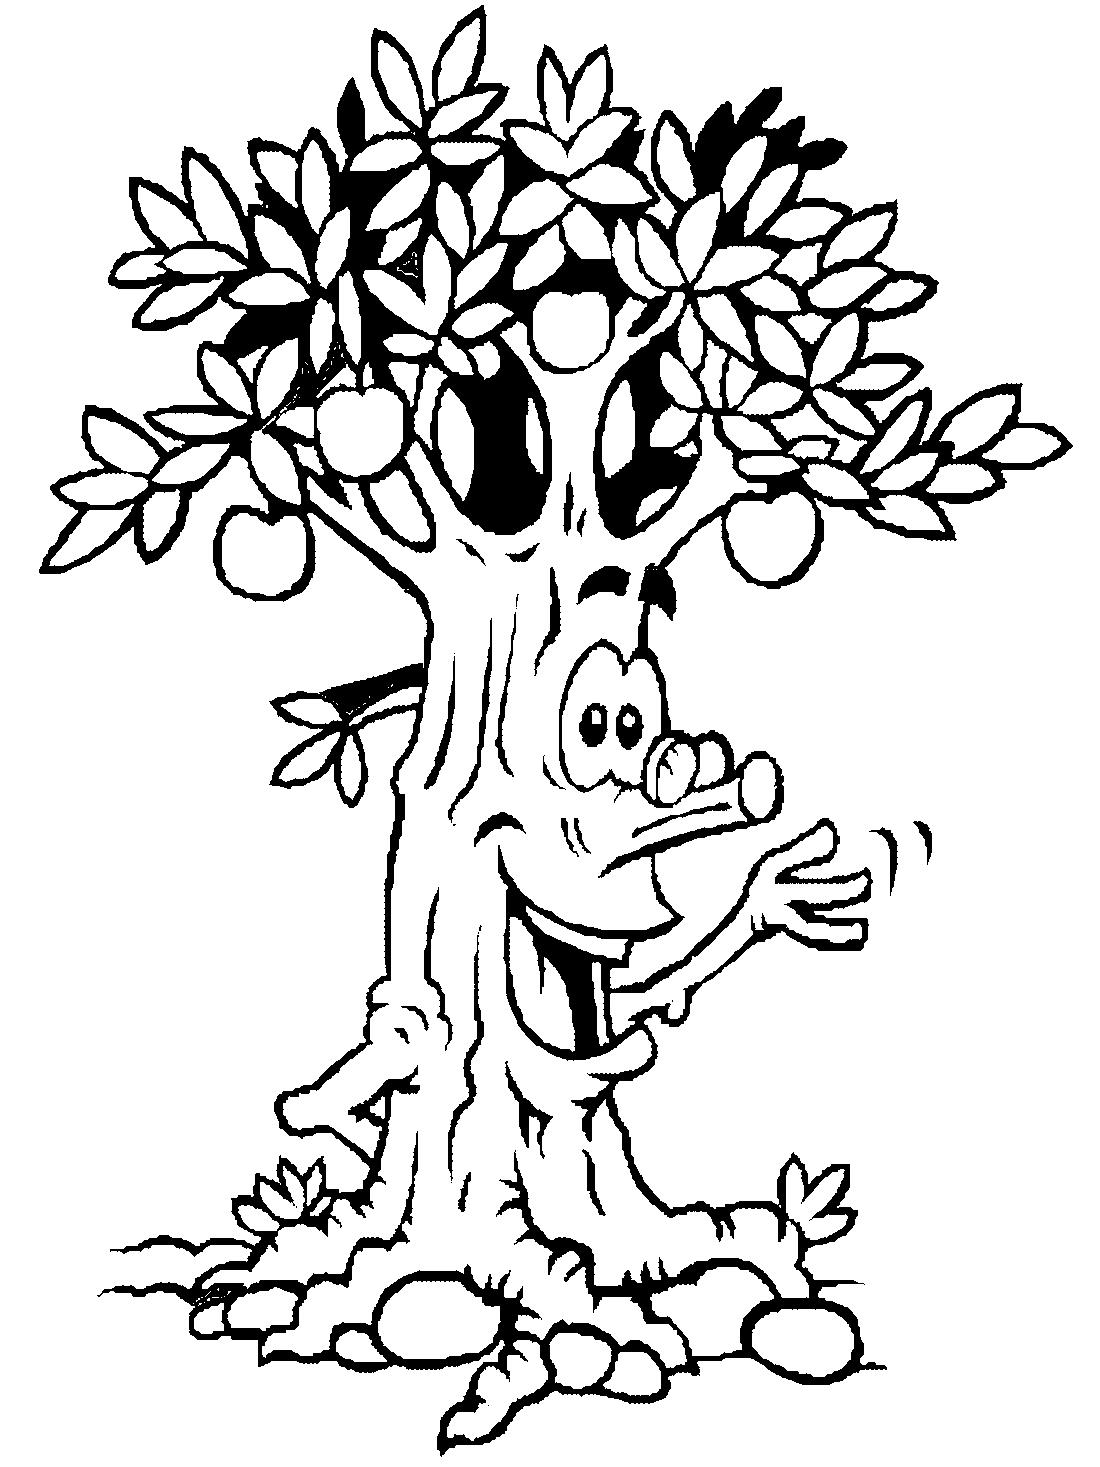 Веселое яблочное дерево - раскраска №4228 | Printonic.ru